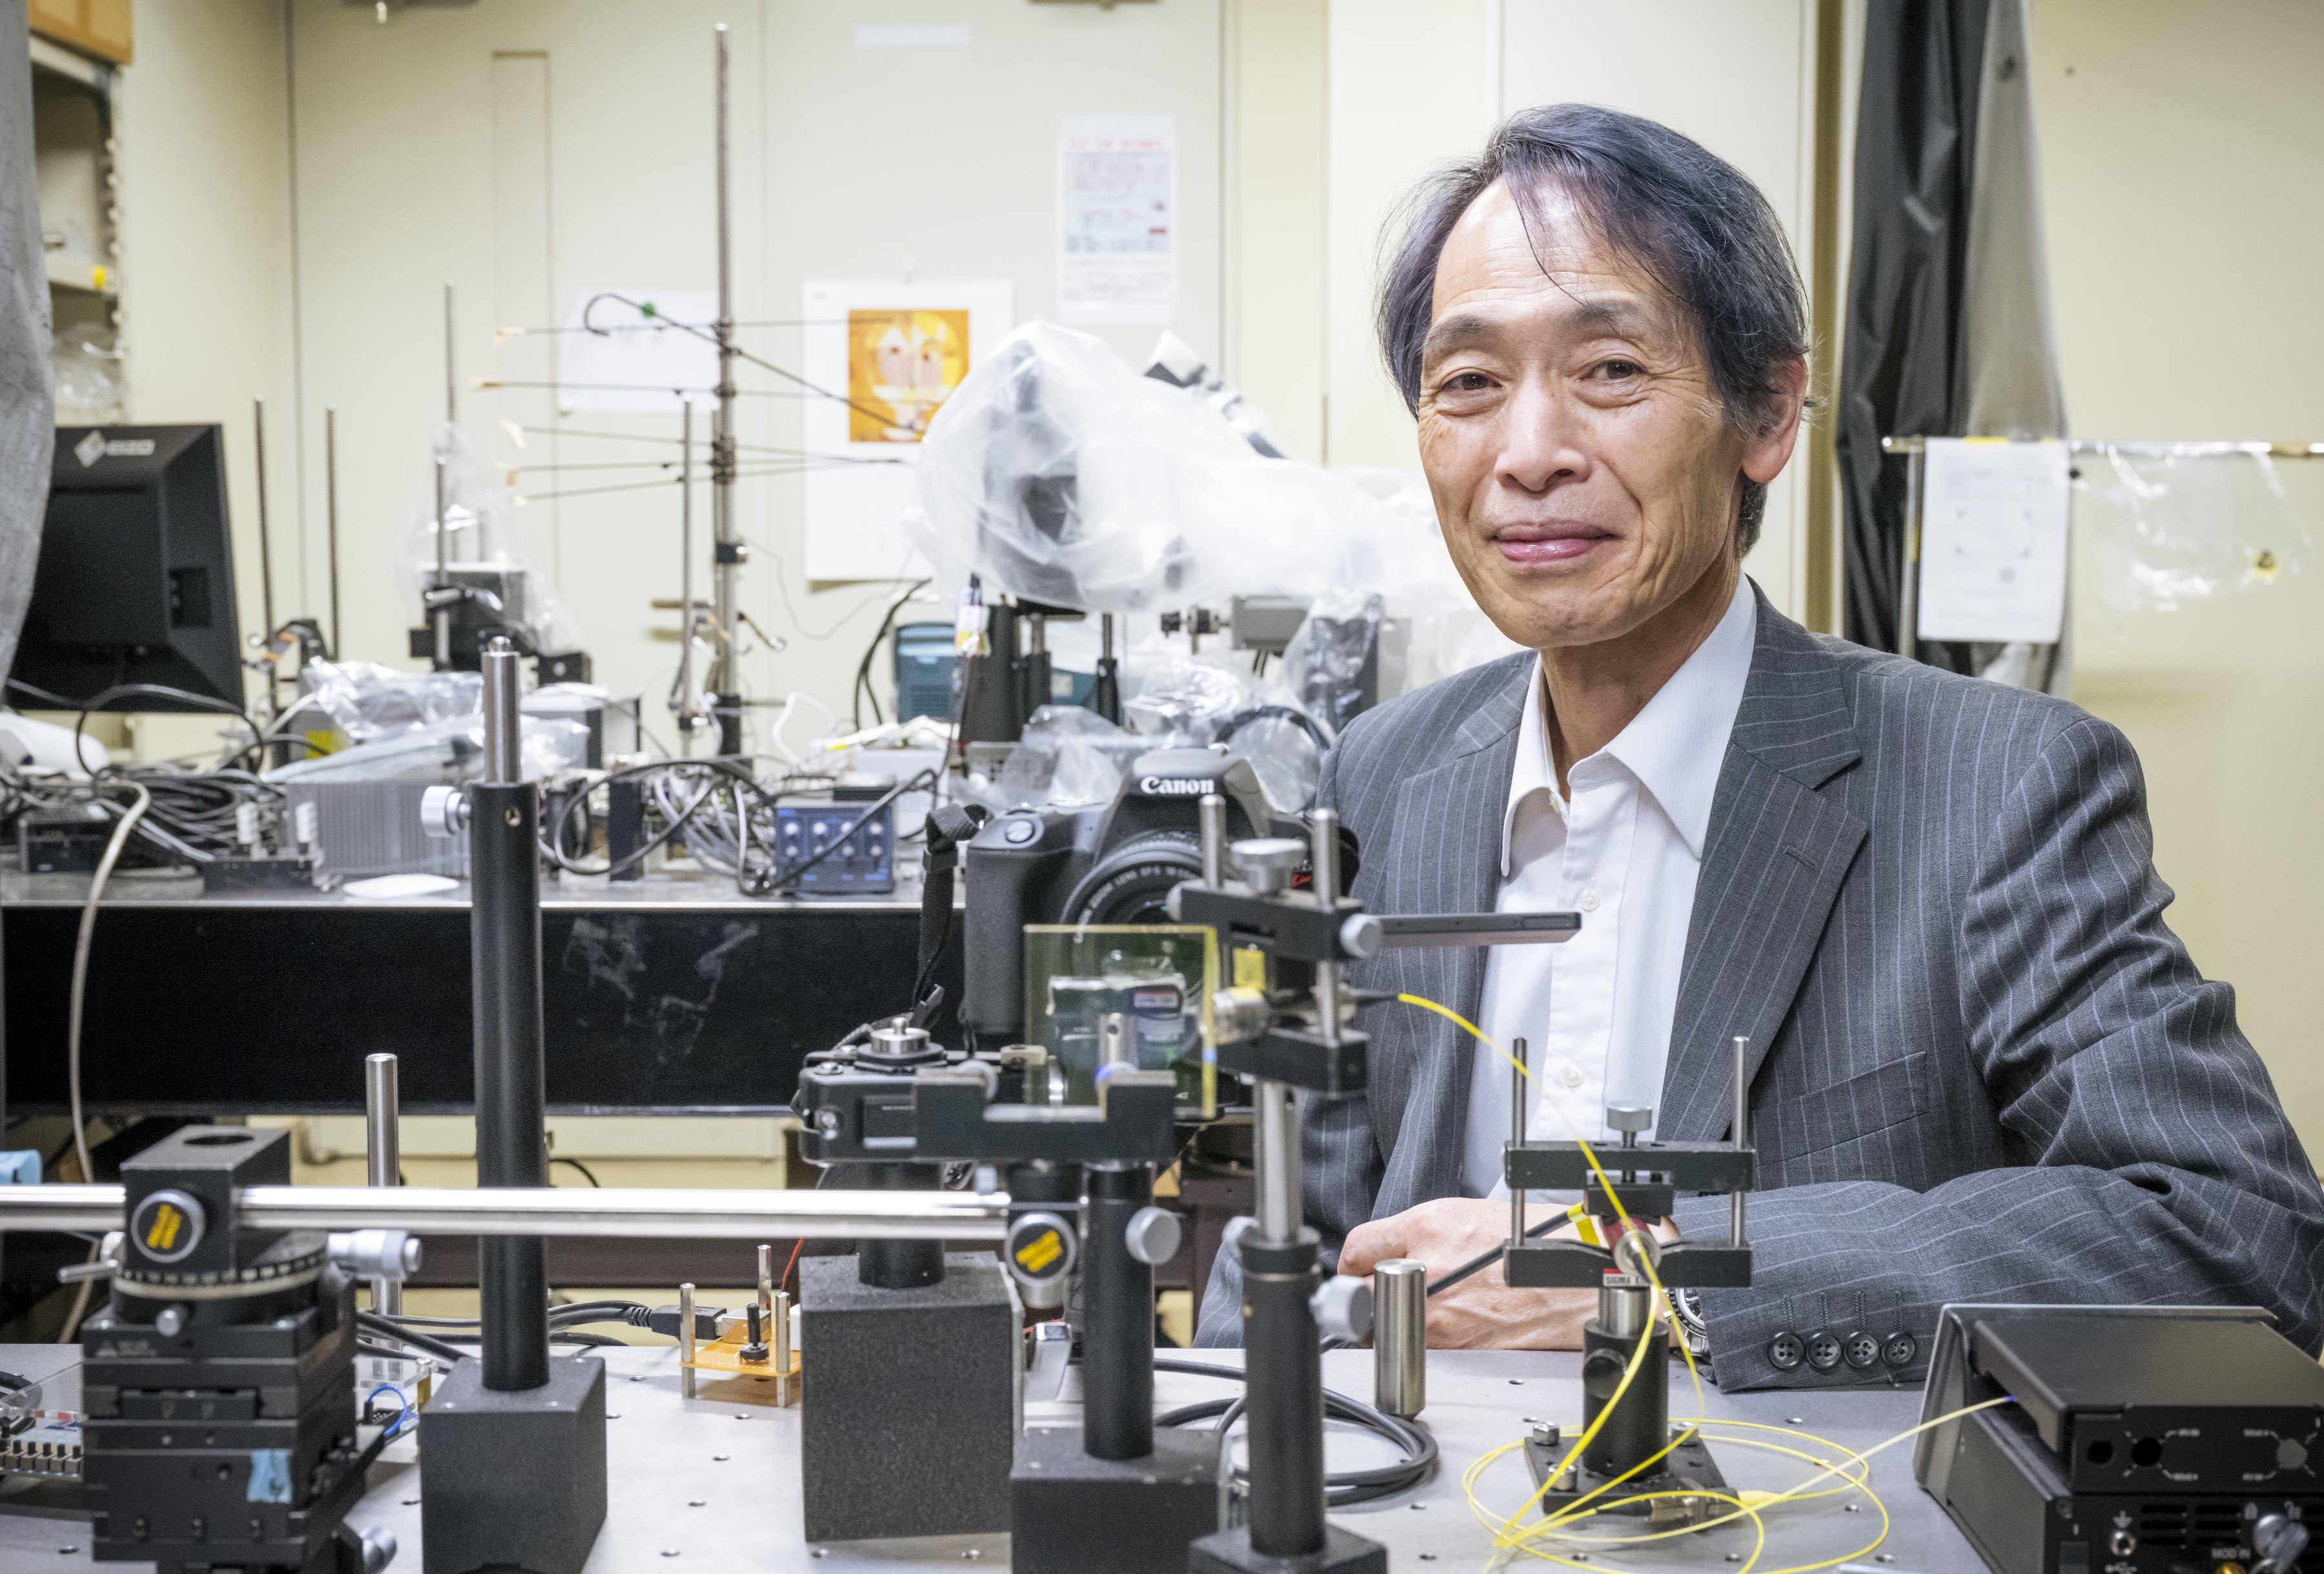 「ホログラフィック・コンタクトレンズディスプレイ」を開発した、東京農工大学大学院工学研究院先端電気電子部門教授の高木康博博士(工学)